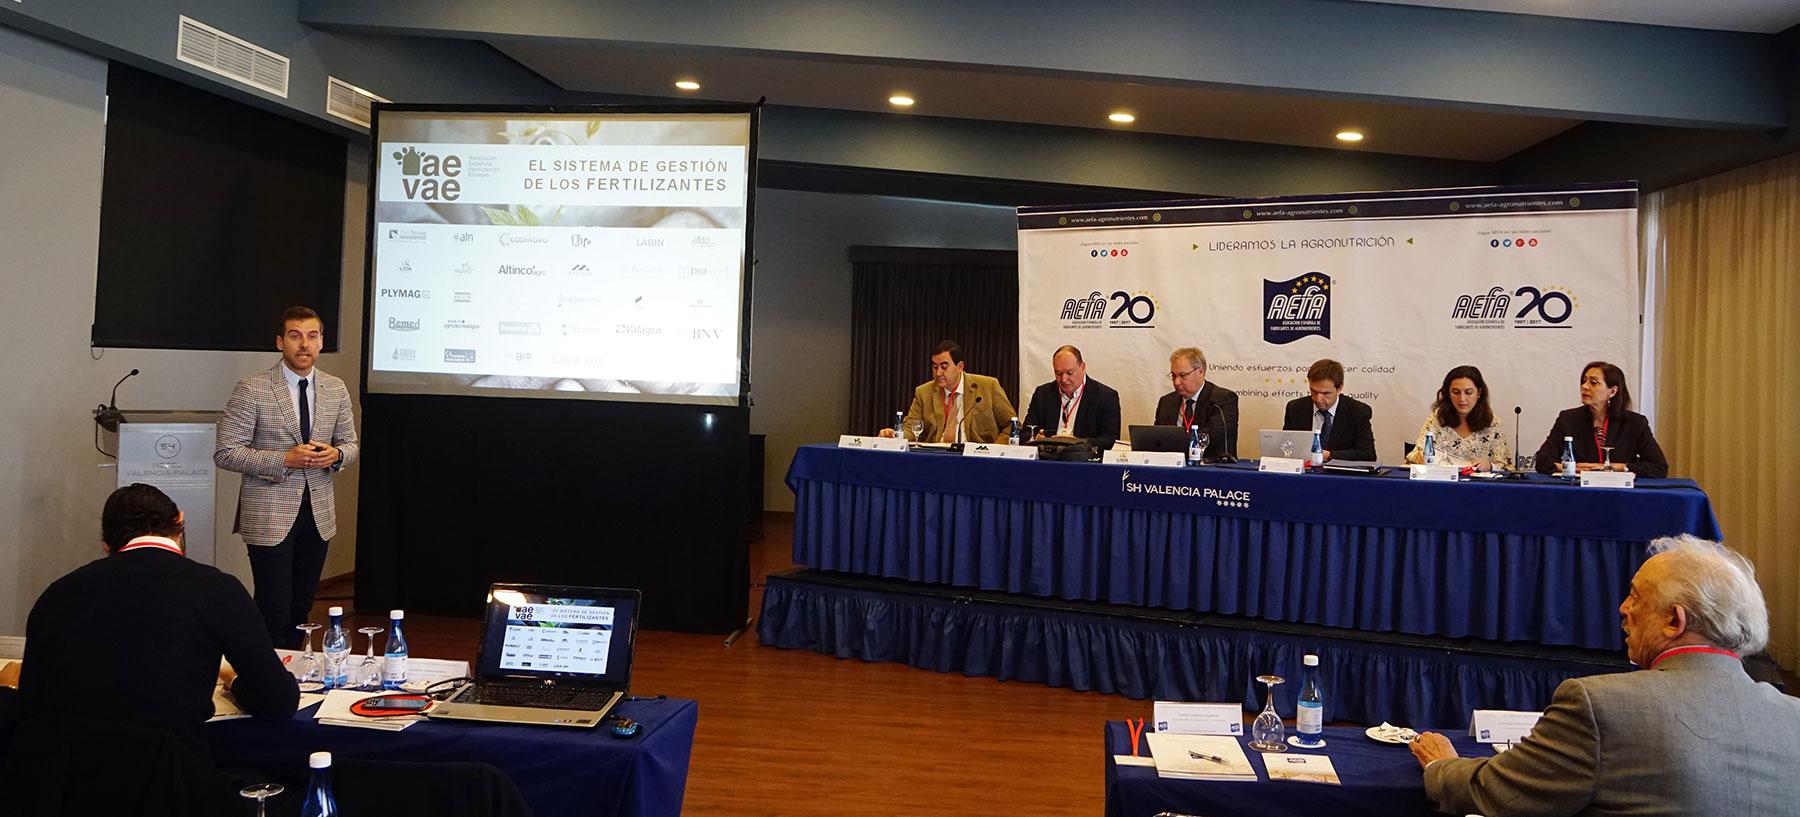 AEVAE: El sistema de gestión de referencia en el sector agrario